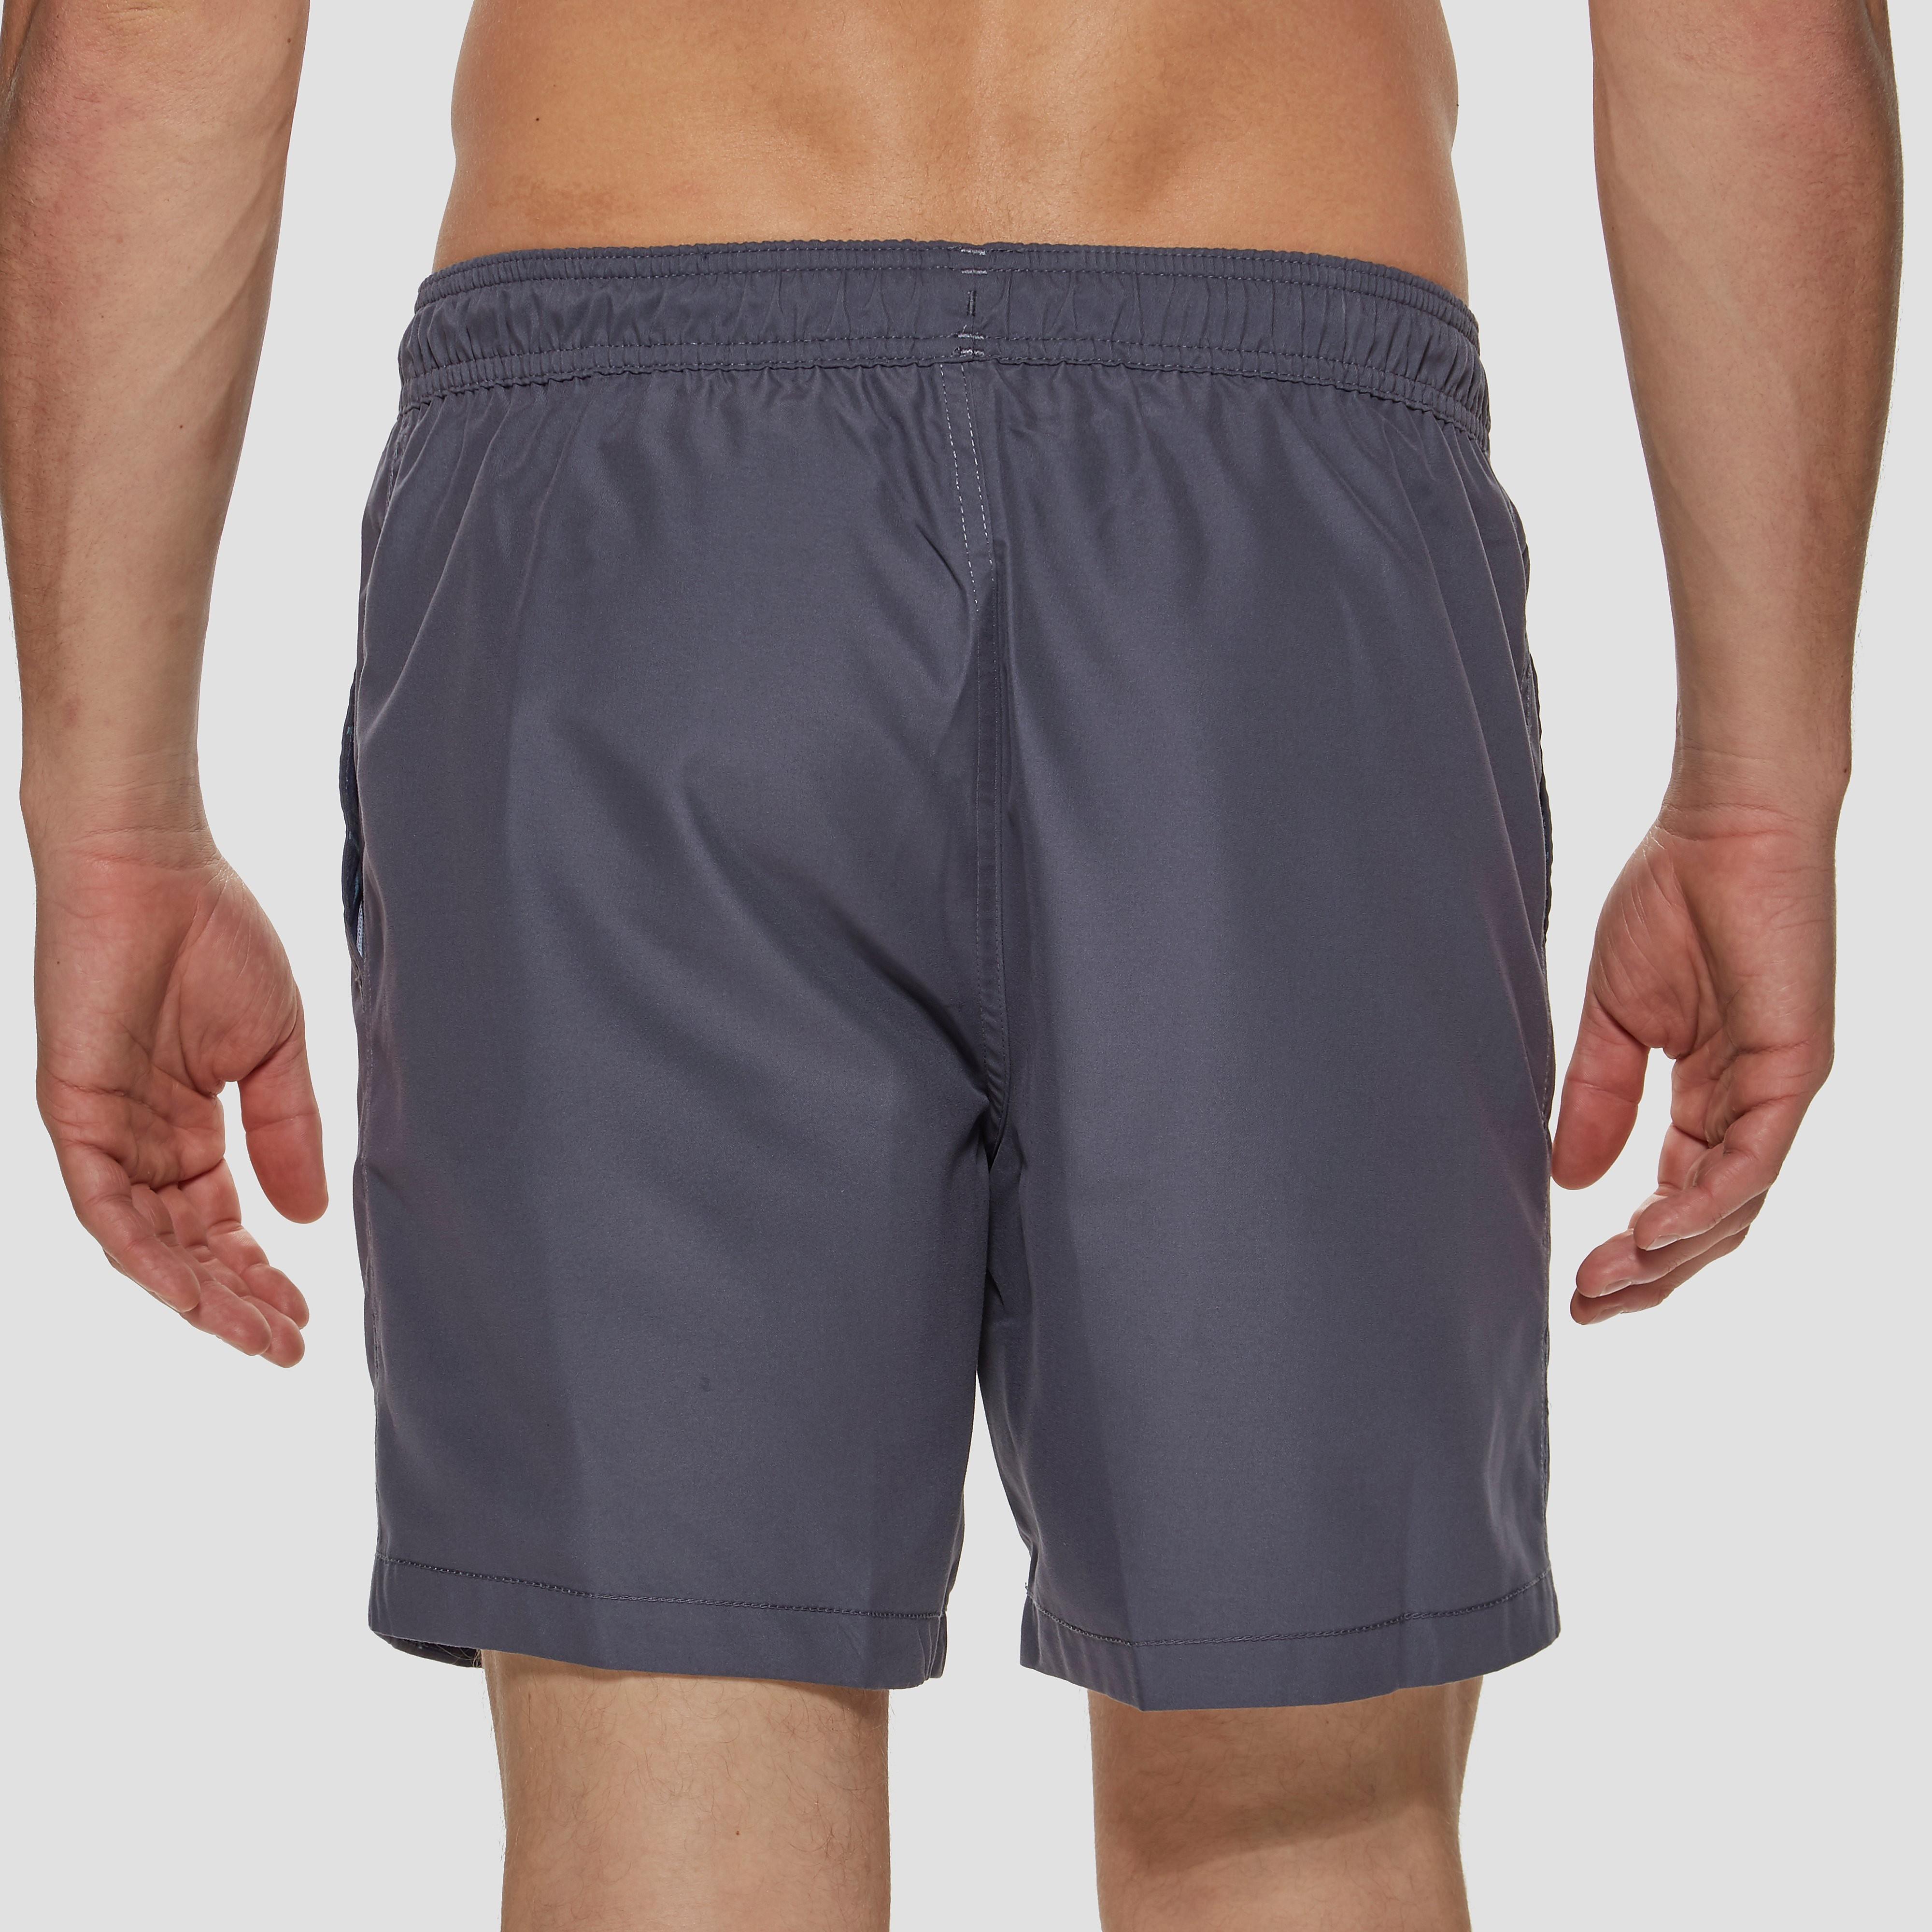 Speedo Men's Check Trim Leisure 16 Swimming Shorts